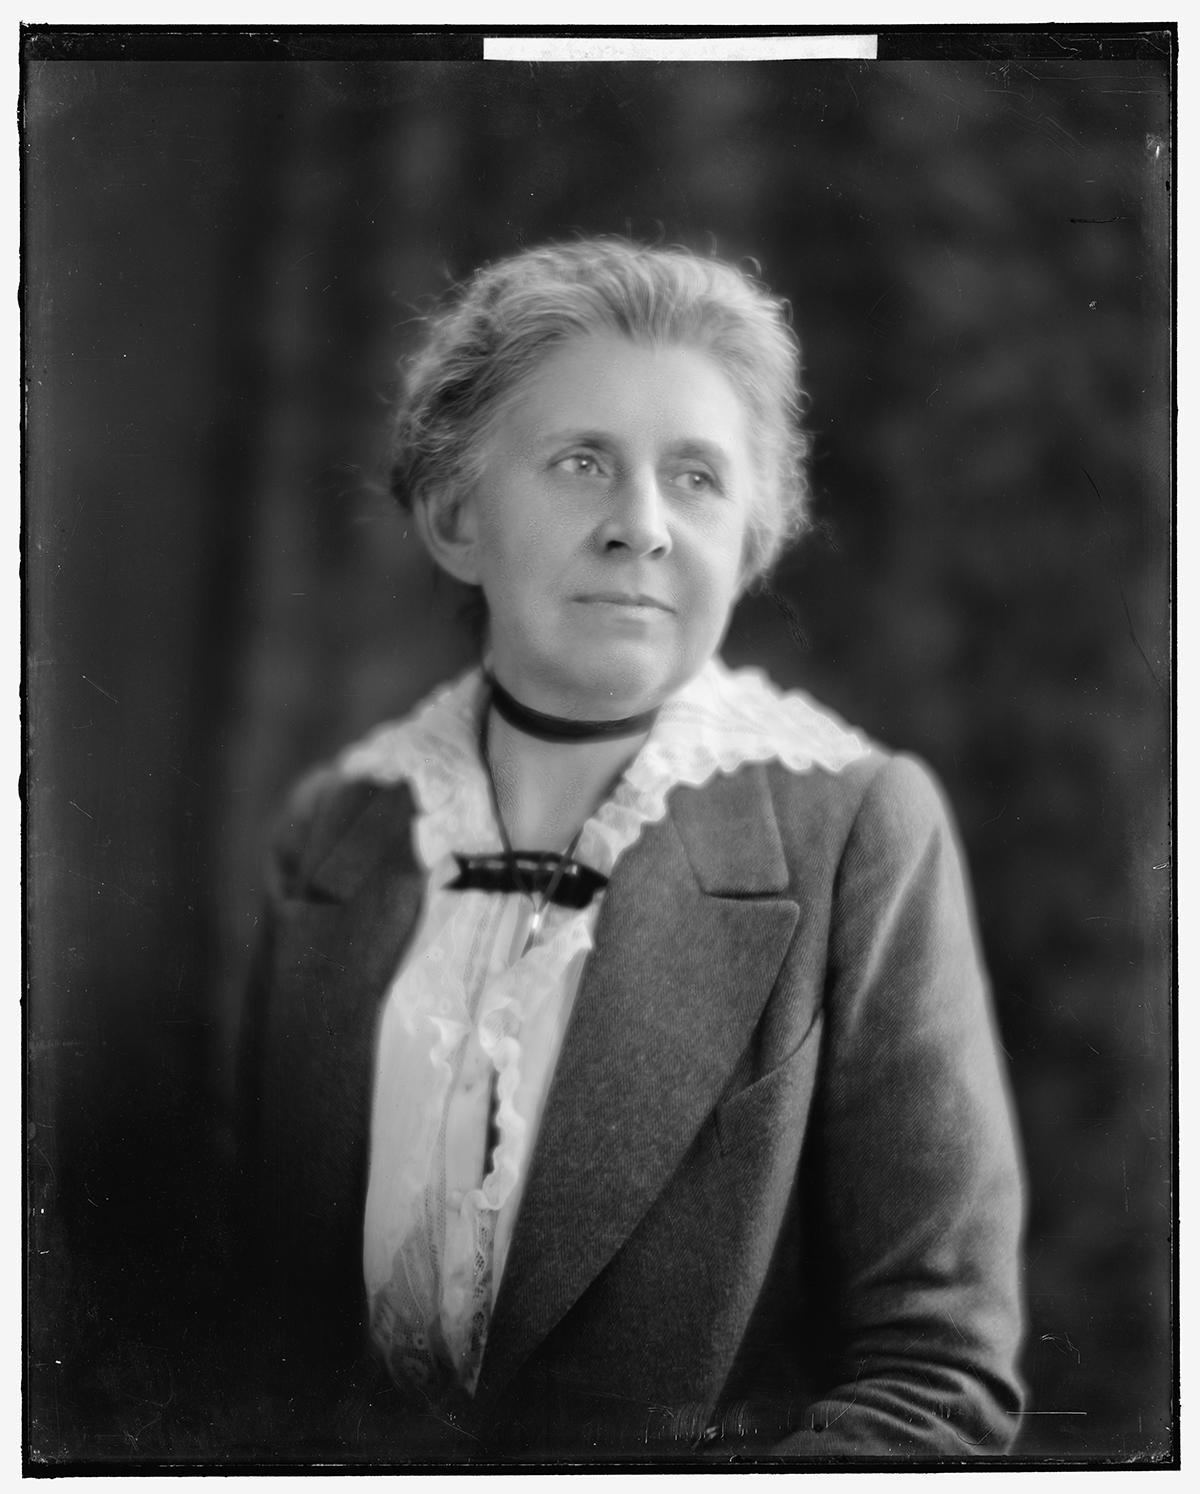 Ida M. Tarbell, [1905]